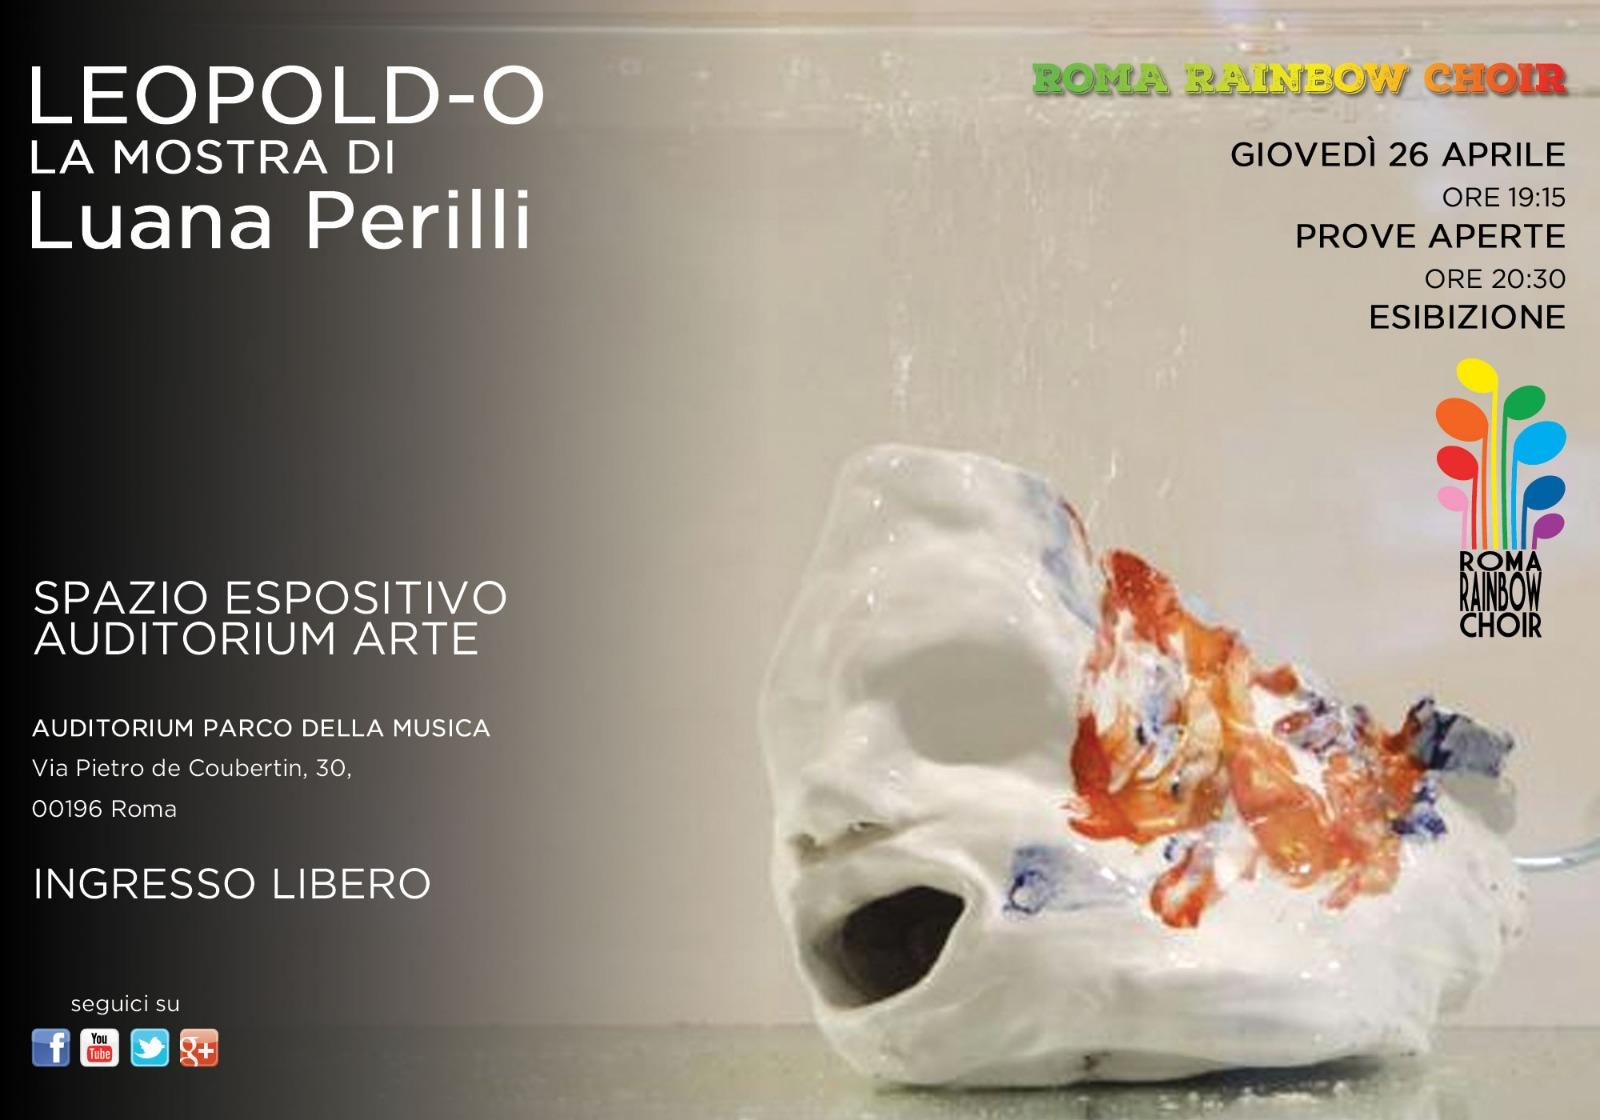 LEOPOLD-O - Prove aperte ed Esibizione in occasione della mostra di Luana Perilli